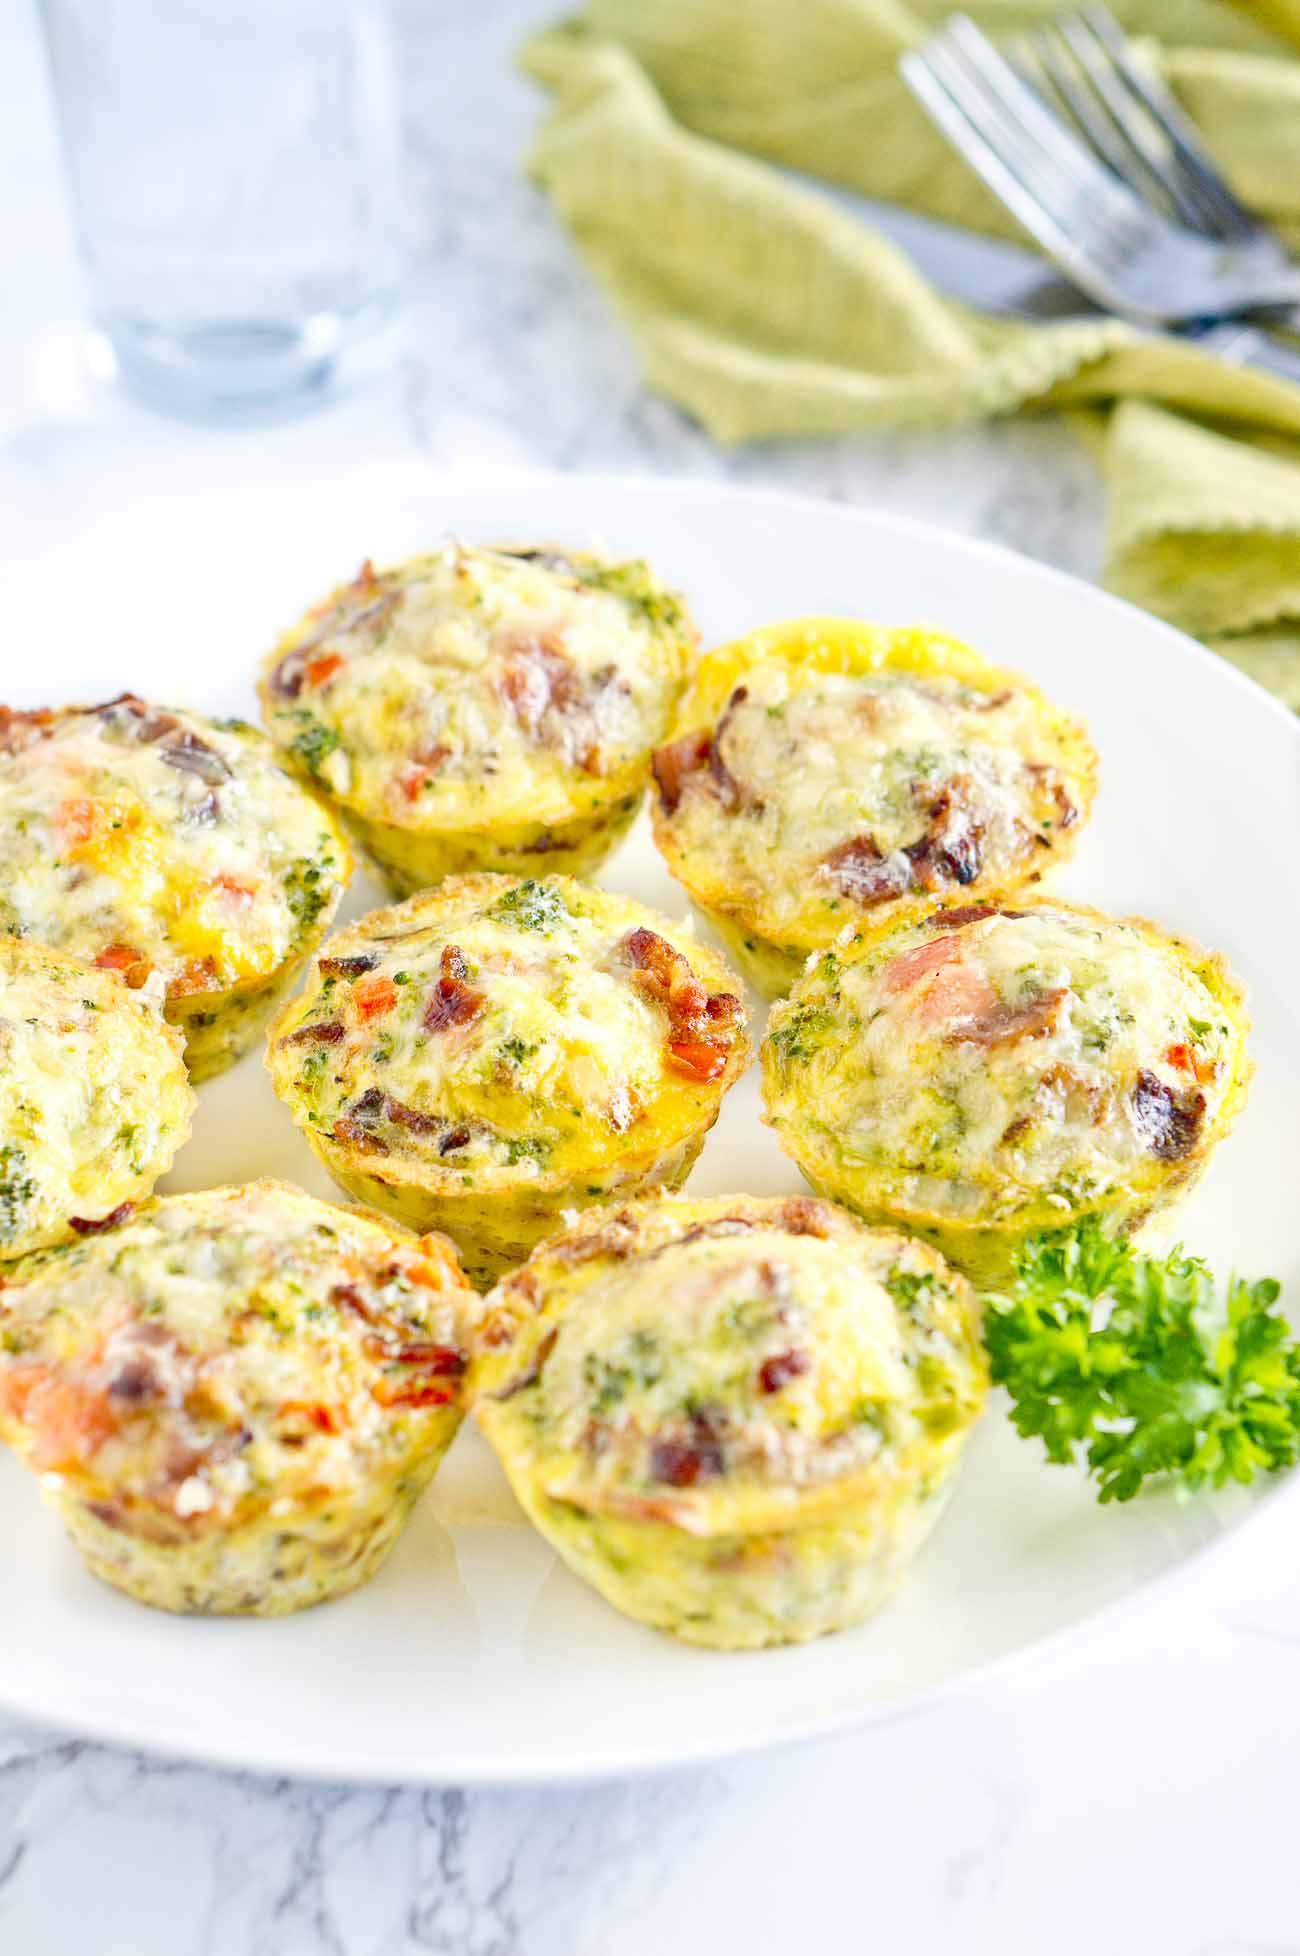 Breakfast ideas for kids - egg muffins